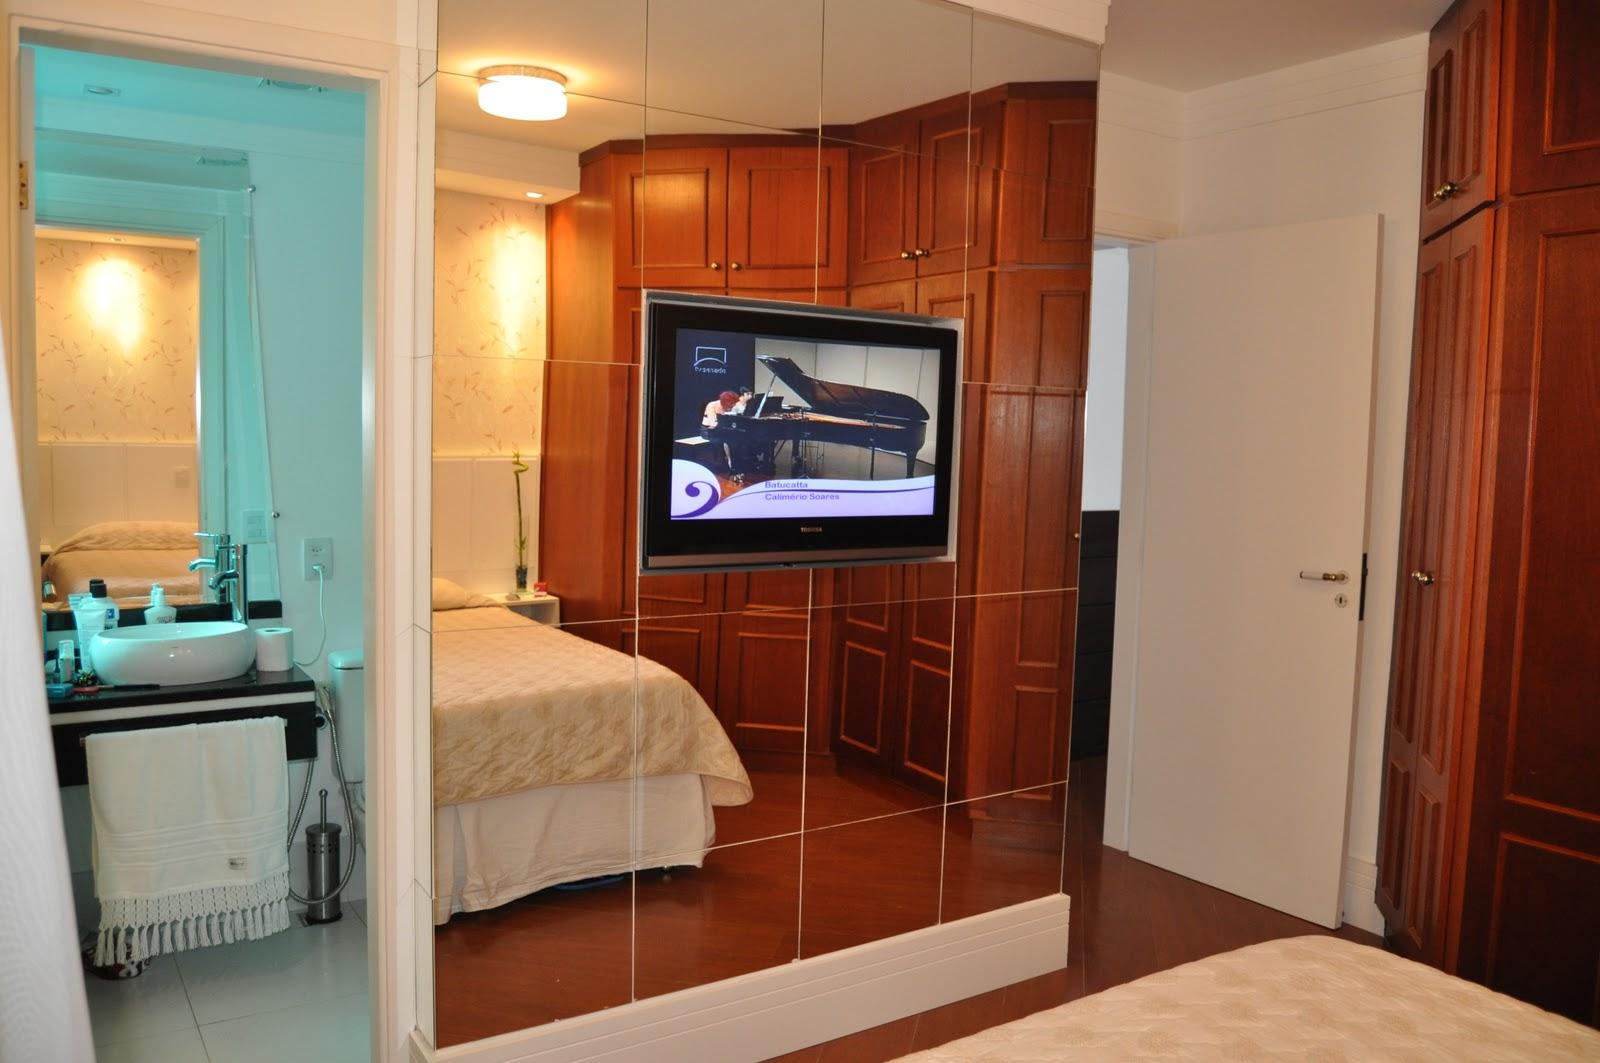 Imagens de #752C14 Dorm 2 Garagens Depósito em Bauru. Vendo 390 Mil ou Alugo  1600x1063 px 3090 Box Banheiro Bauru